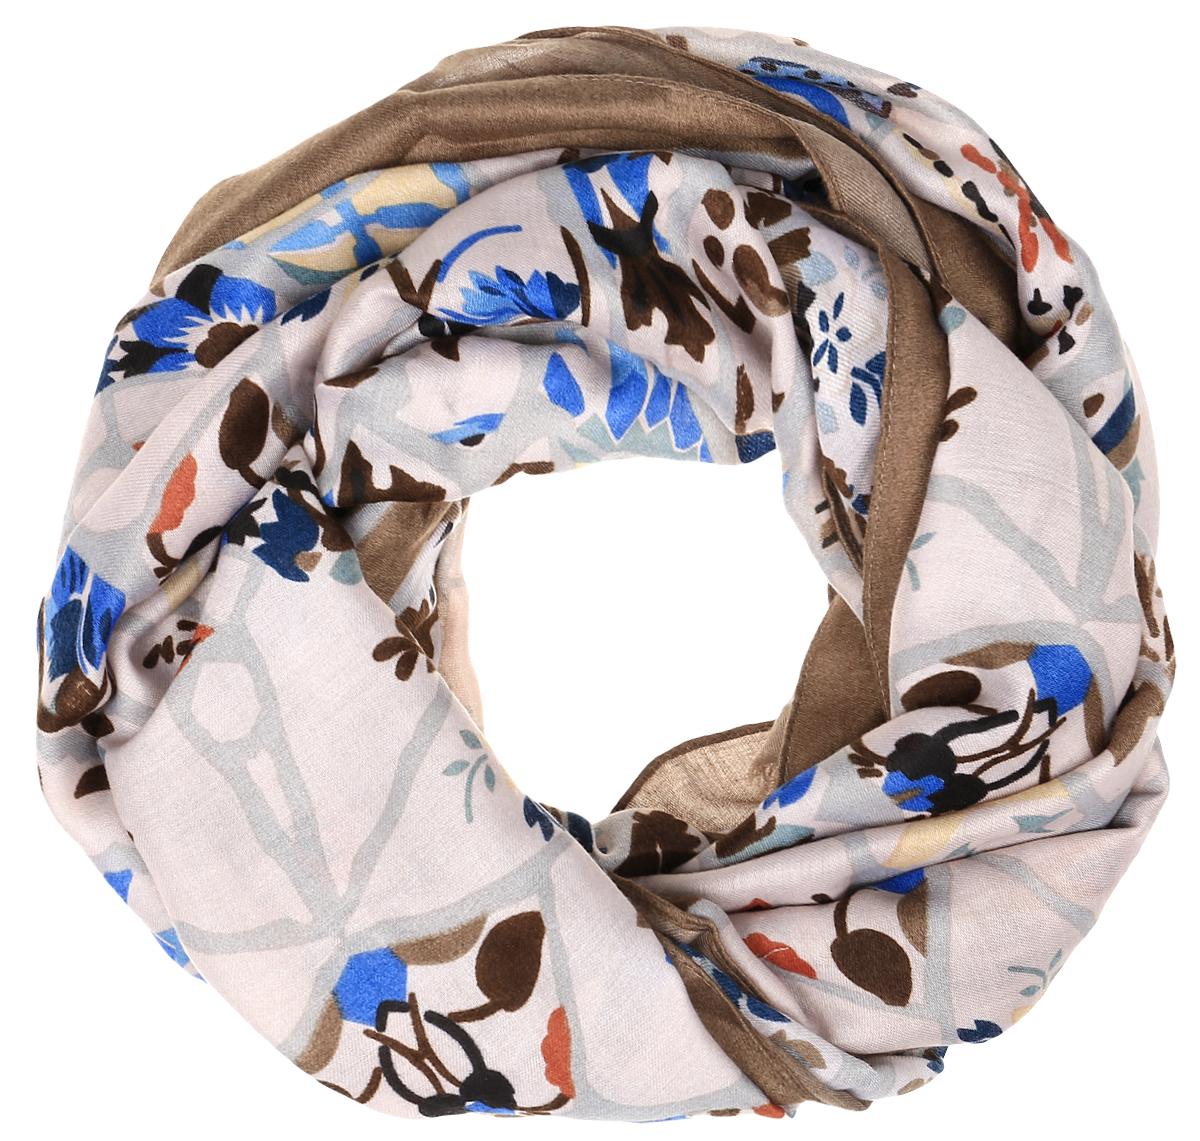 Шарф женский Fabretti, цвет: светло-коричневый, мультиколор. TUTF415. Размер 90 см х 180 смTUTF415-3Женский шарф Fabretti подарит уют и согреет от холодного ветра. Изготовленный из высококачественной вискозы, он очень легкий, мягкий, имеет приятную на ощупь текстуру. Модель оформлена принтом, украшена по краям кисточками.Такой аксессуар станет стильным дополнением к образу современной женщины, стремящейся всегда оставаться яркой и элегантной.